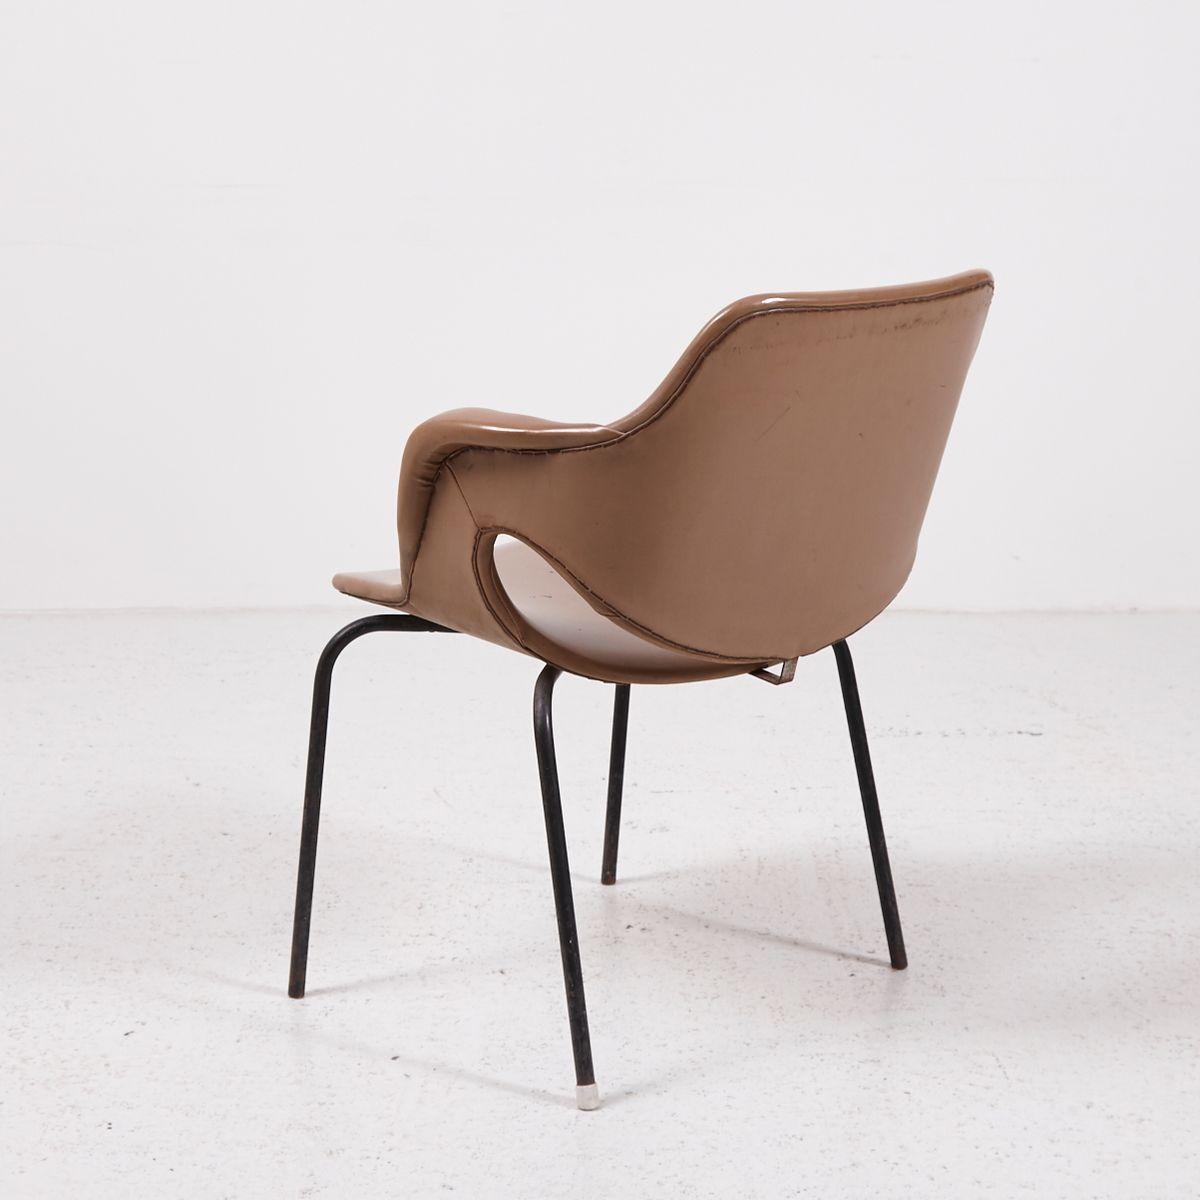 Vintage sessel aus kunstleder bei pamono kaufen for Sessel kunstleder